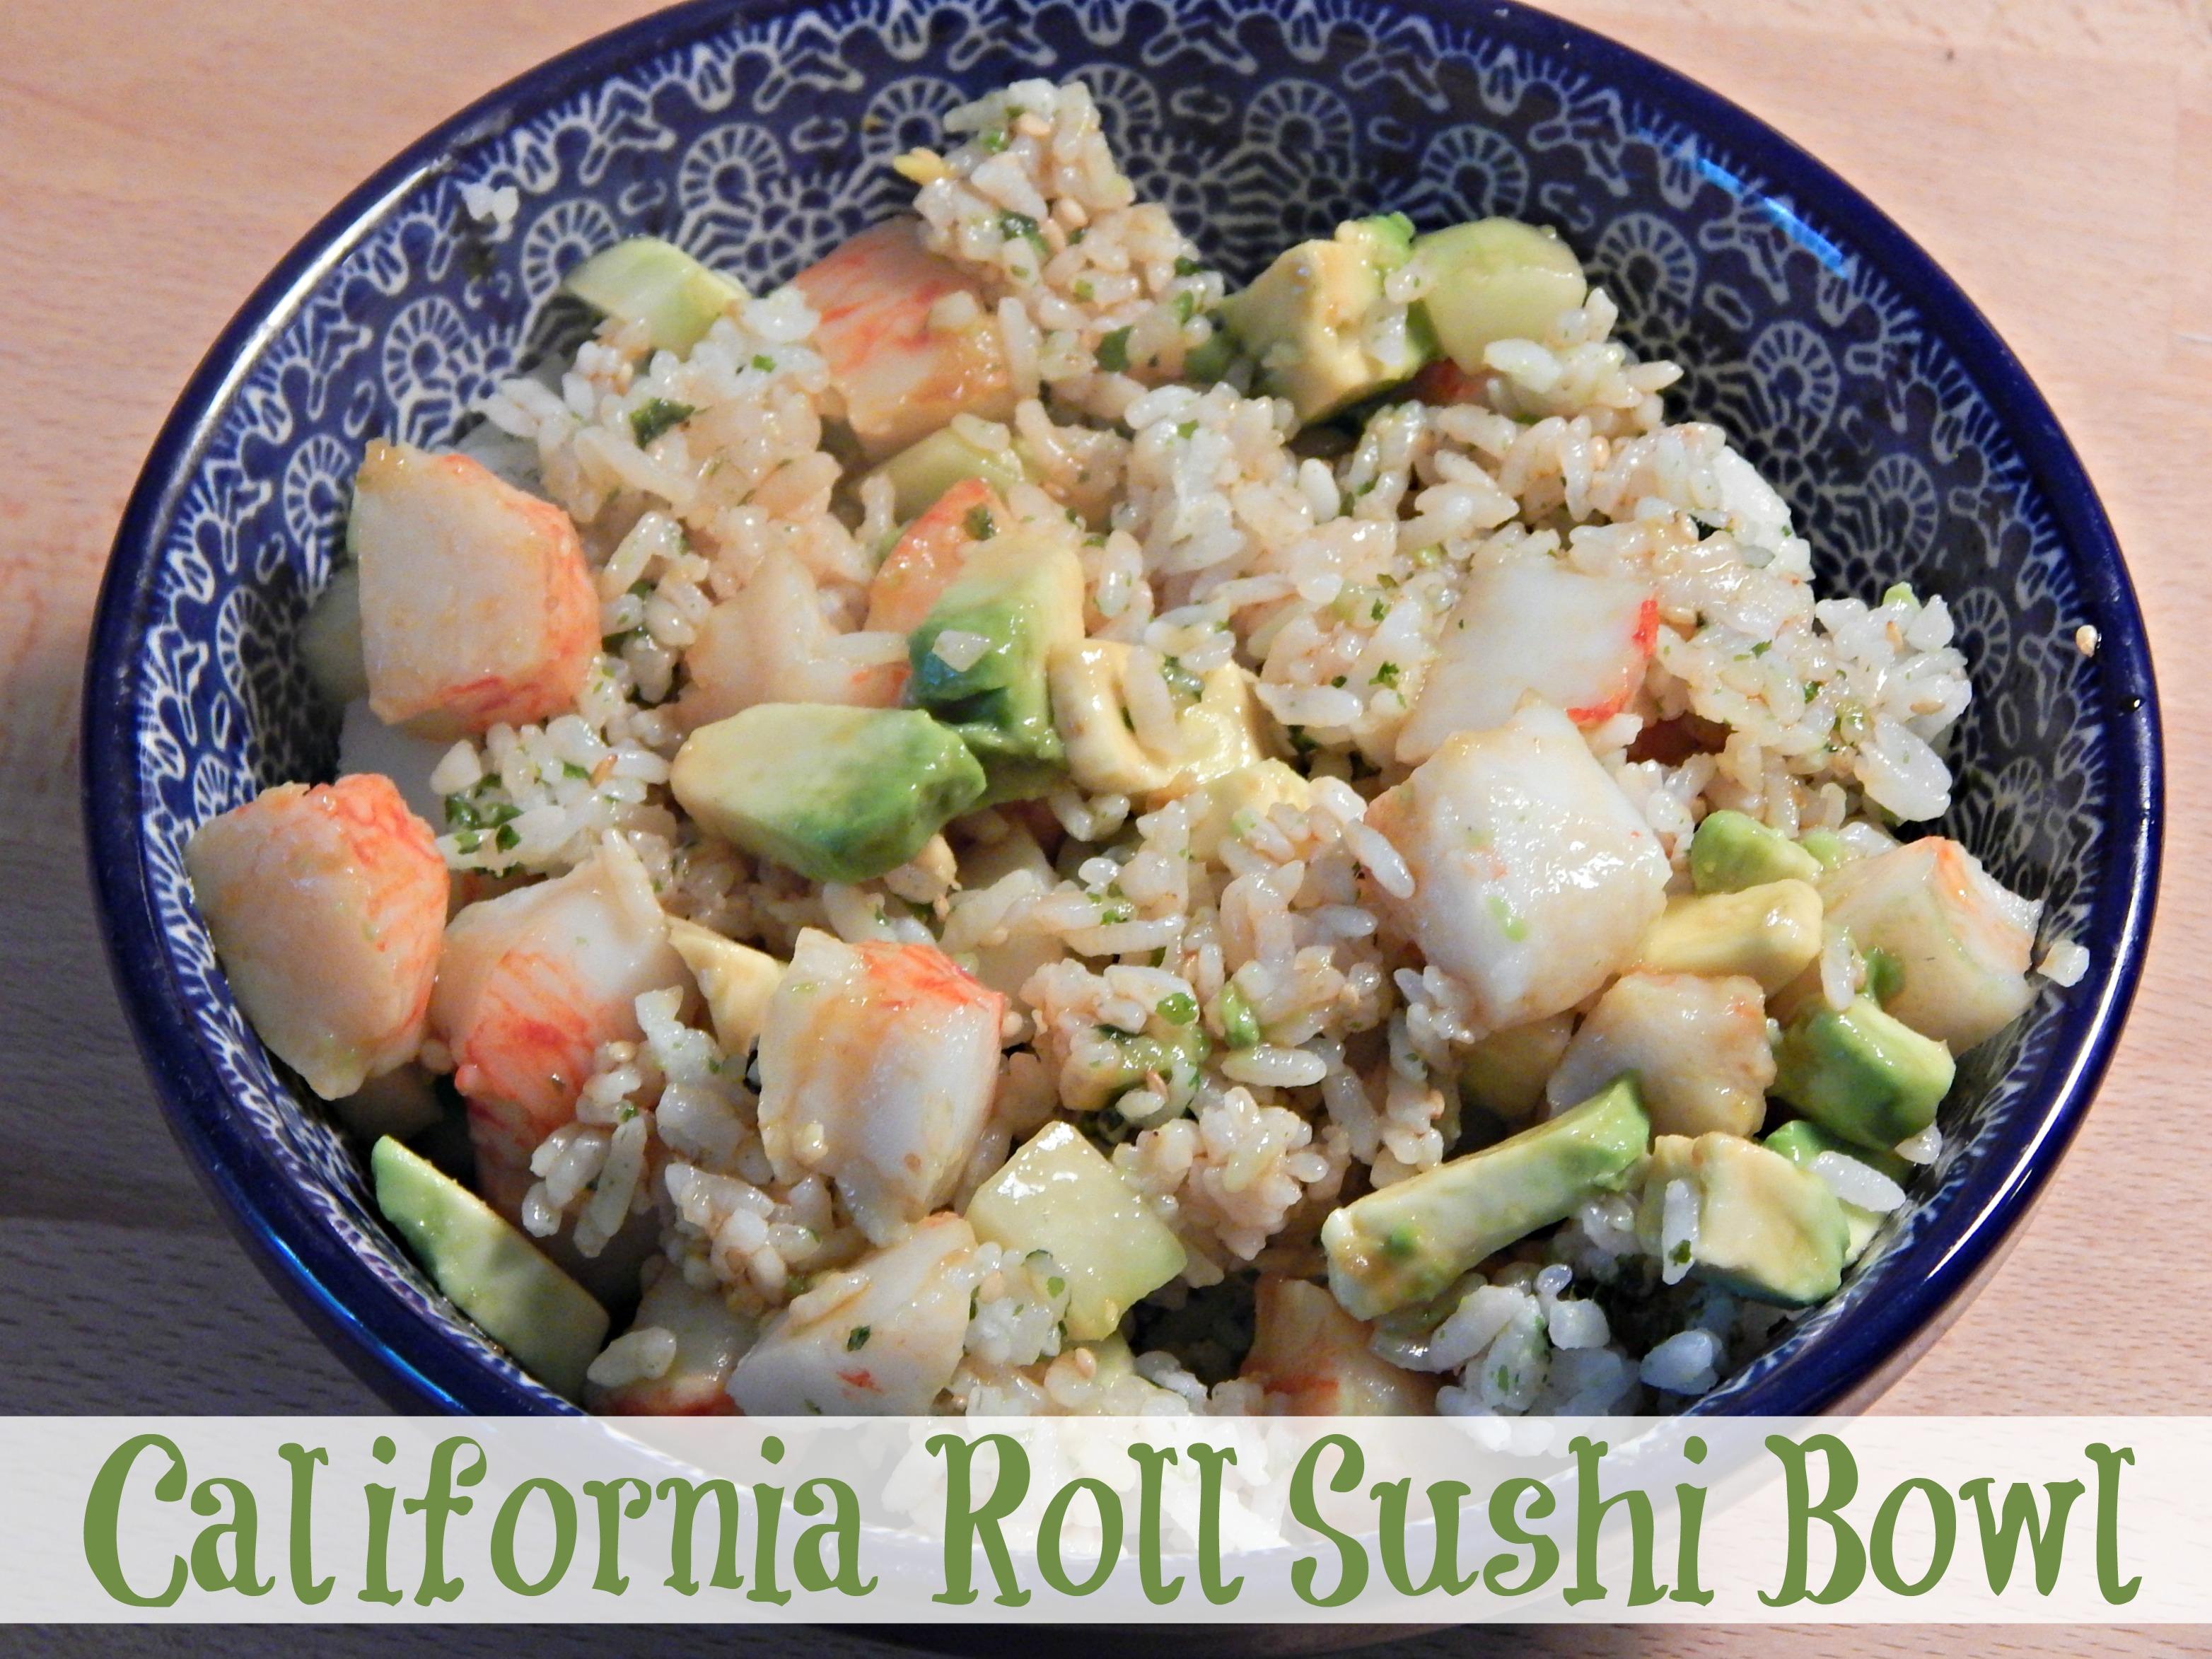 California Roll Sushi Bowl Final